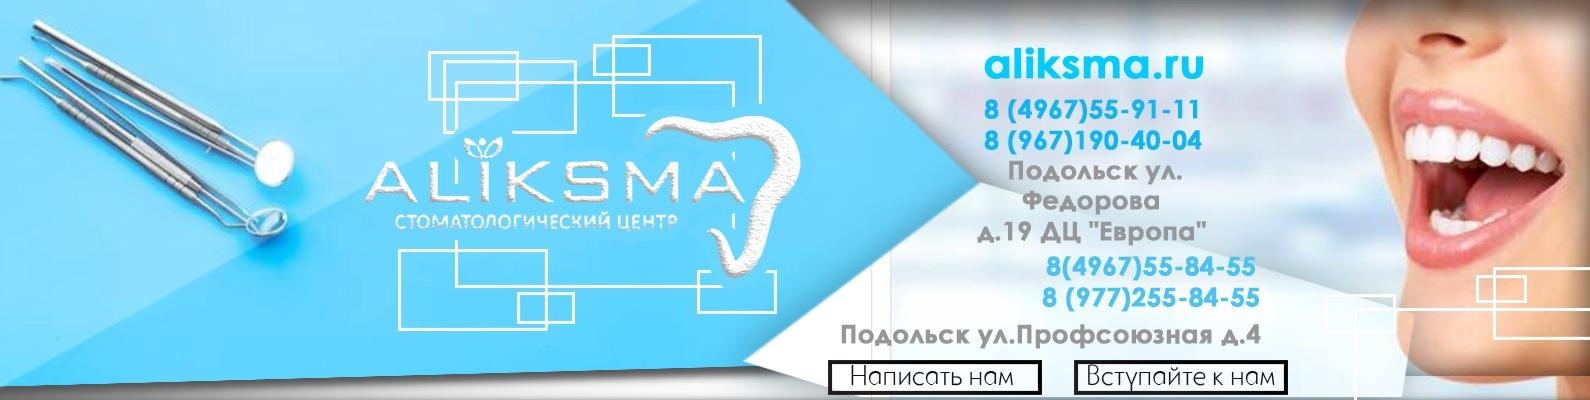 Где можно пройти медицинскую книжку в Подольске